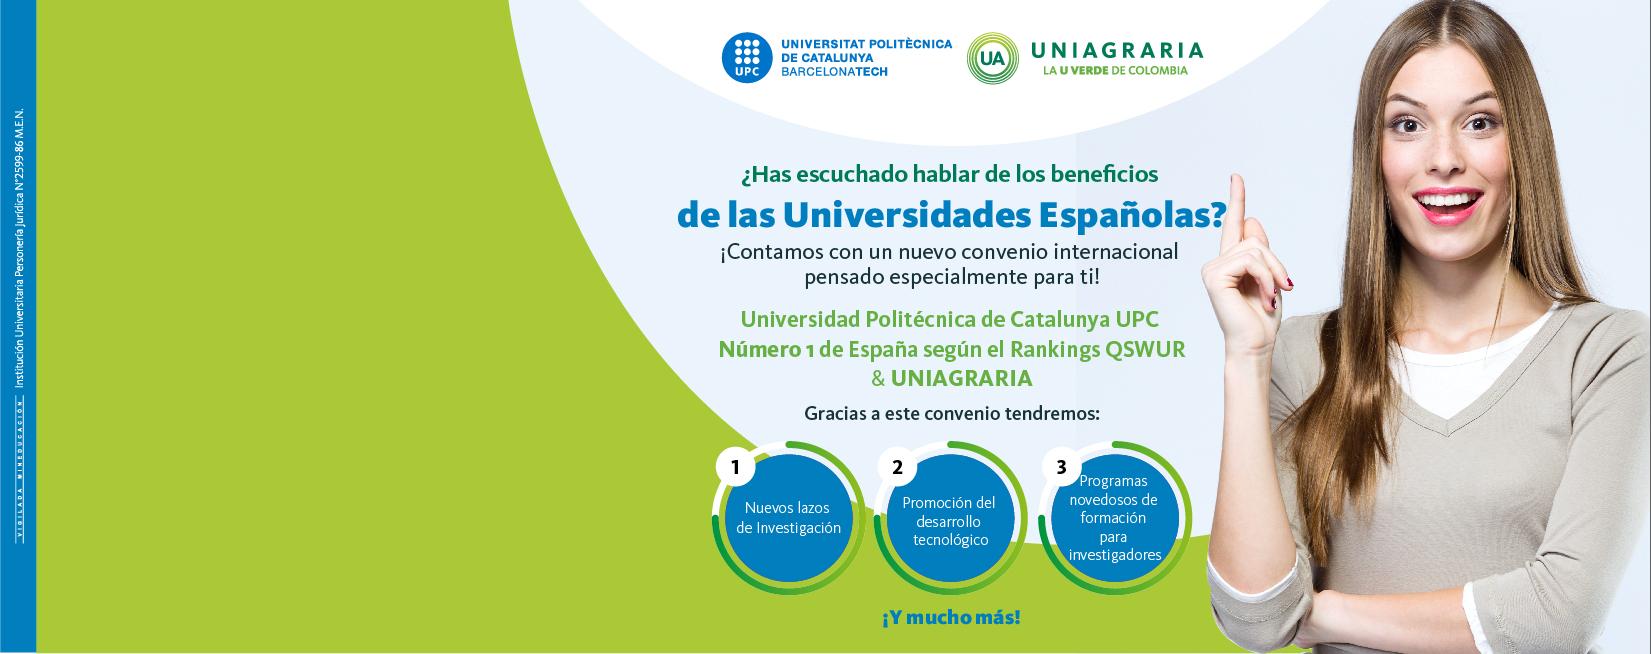 Universidad Poltécnica de Catalunya UPC